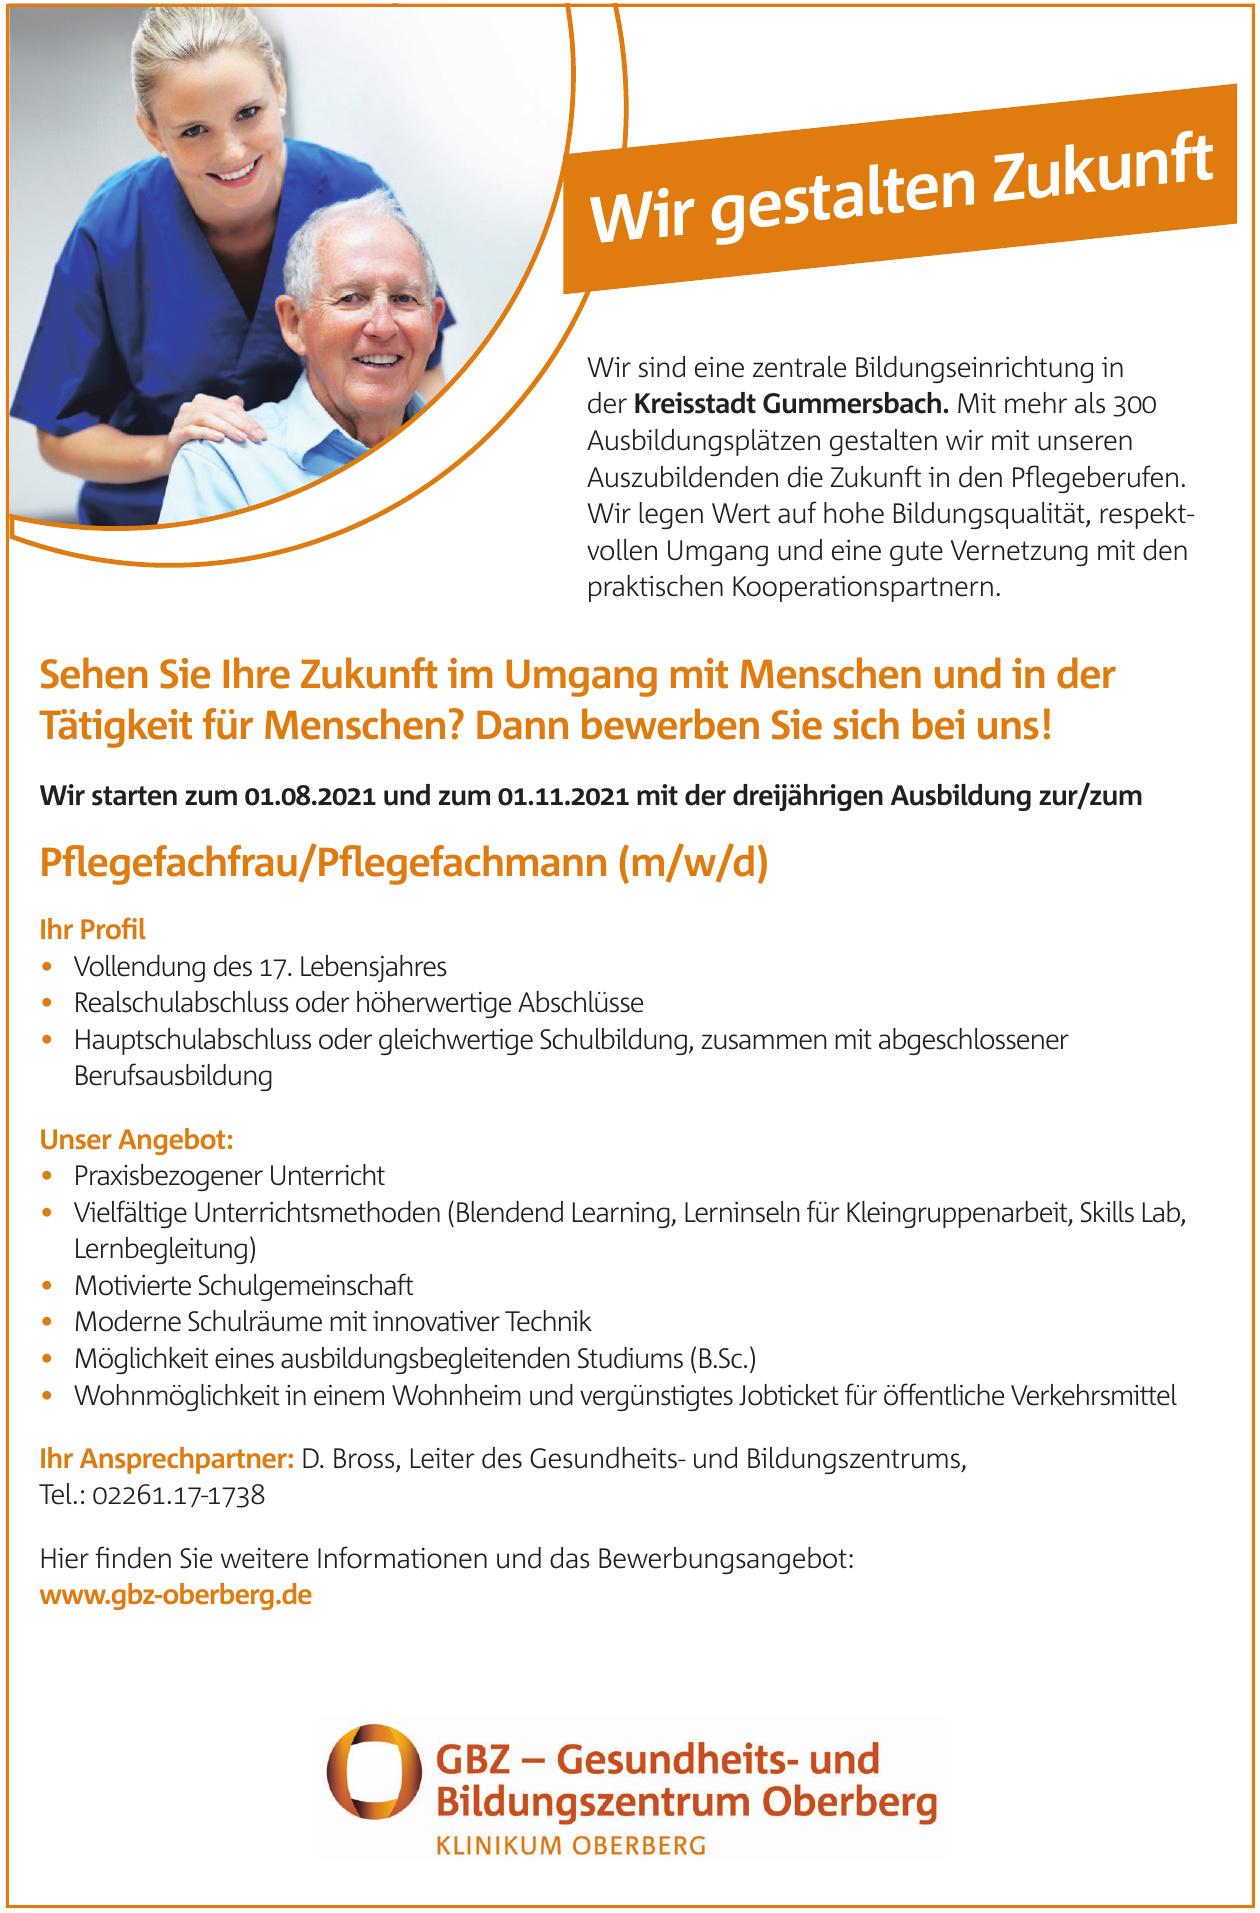 GBZ Gesundheits- und Bildungszentrum Oberberg